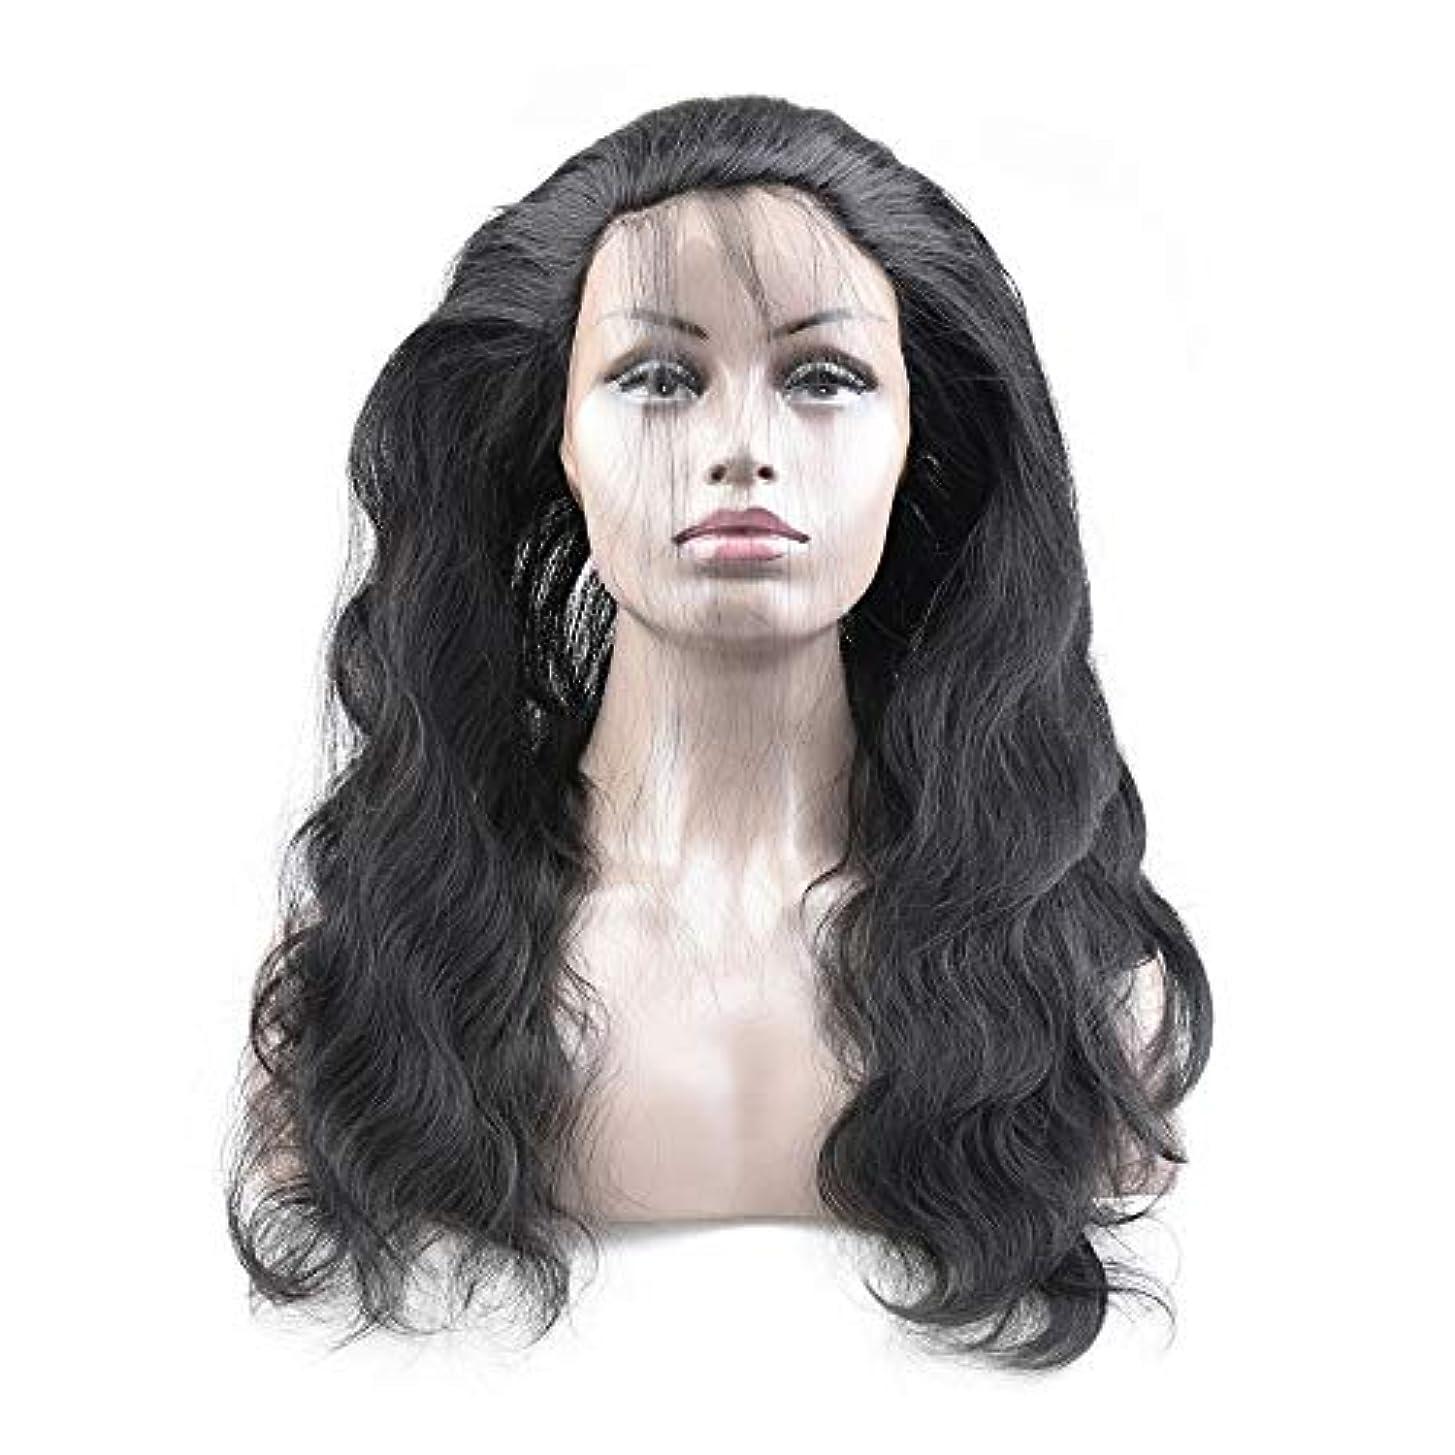 ポルトガル語上院責任JULYTER 360レース閉鎖髪ブラジル実体波髪バージンレミー人間の髪の毛自由な部分ナチュラルカラー (色 : 黒, サイズ : 14 inch)